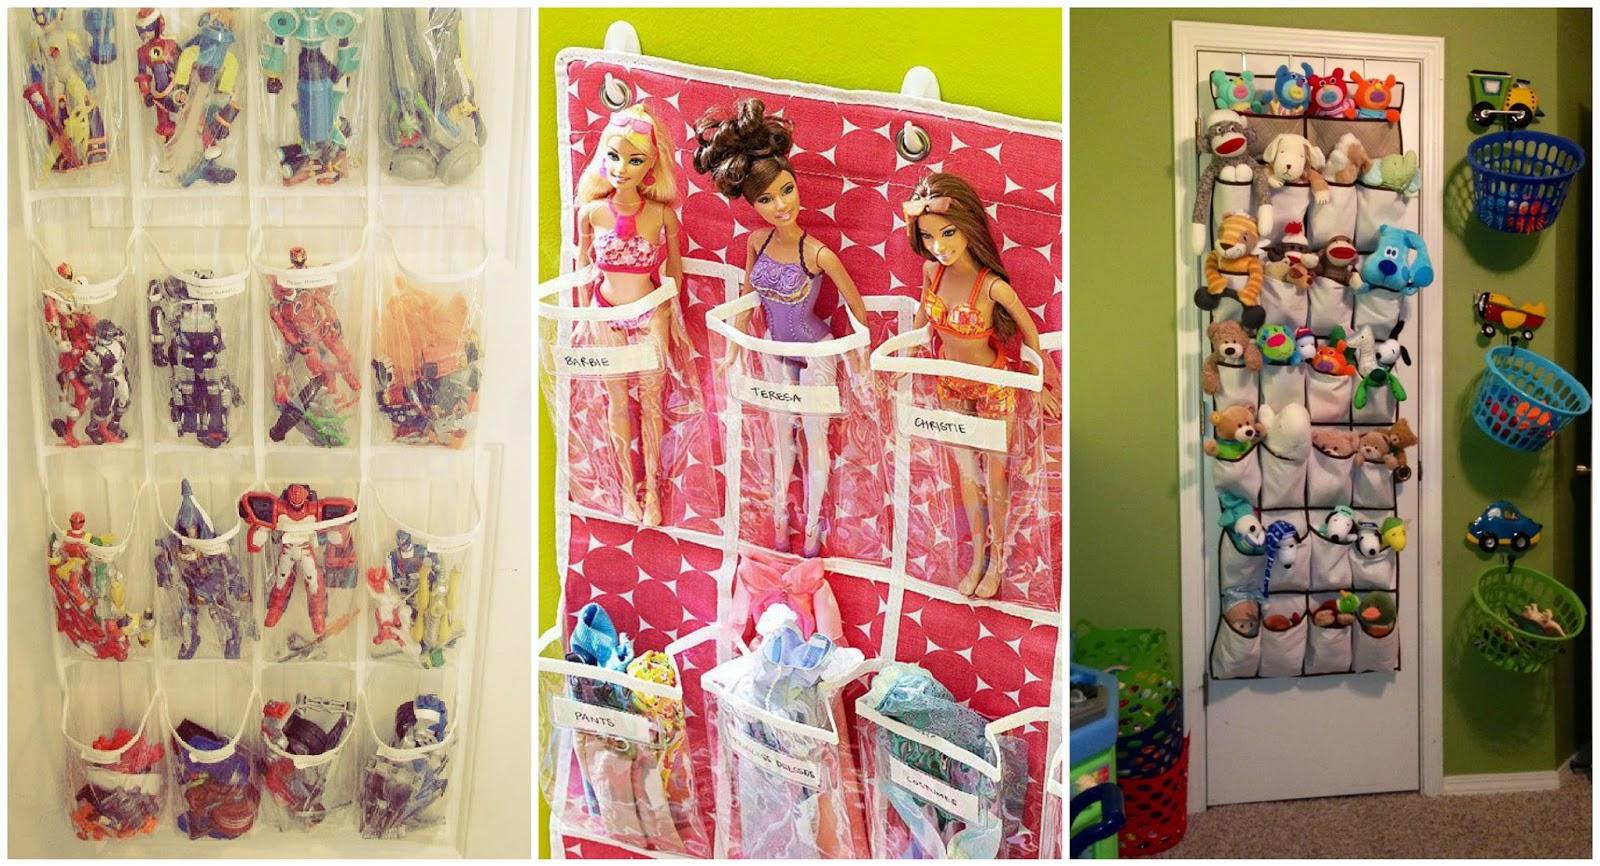 para darle un enfoque decorativo a la habitacin y organizar algunos juguetes pequeos que mejor idea que reciclar patinetas y canastillas